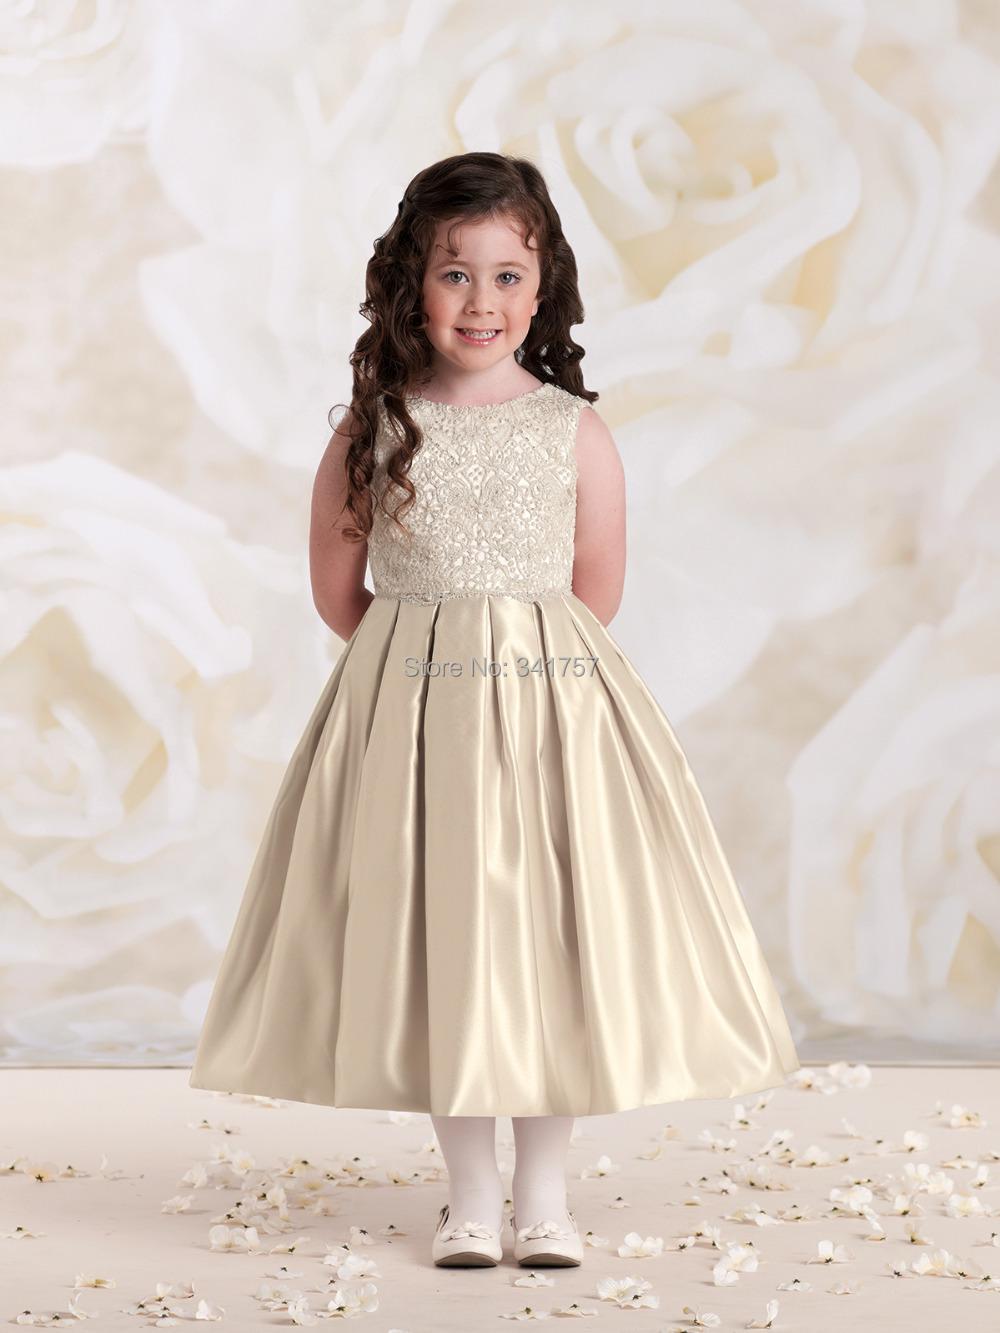 meninas primeiros vestidos de robe de ceremonie fille 2015 de gola alta de vestidos de festa. Black Bedroom Furniture Sets. Home Design Ideas